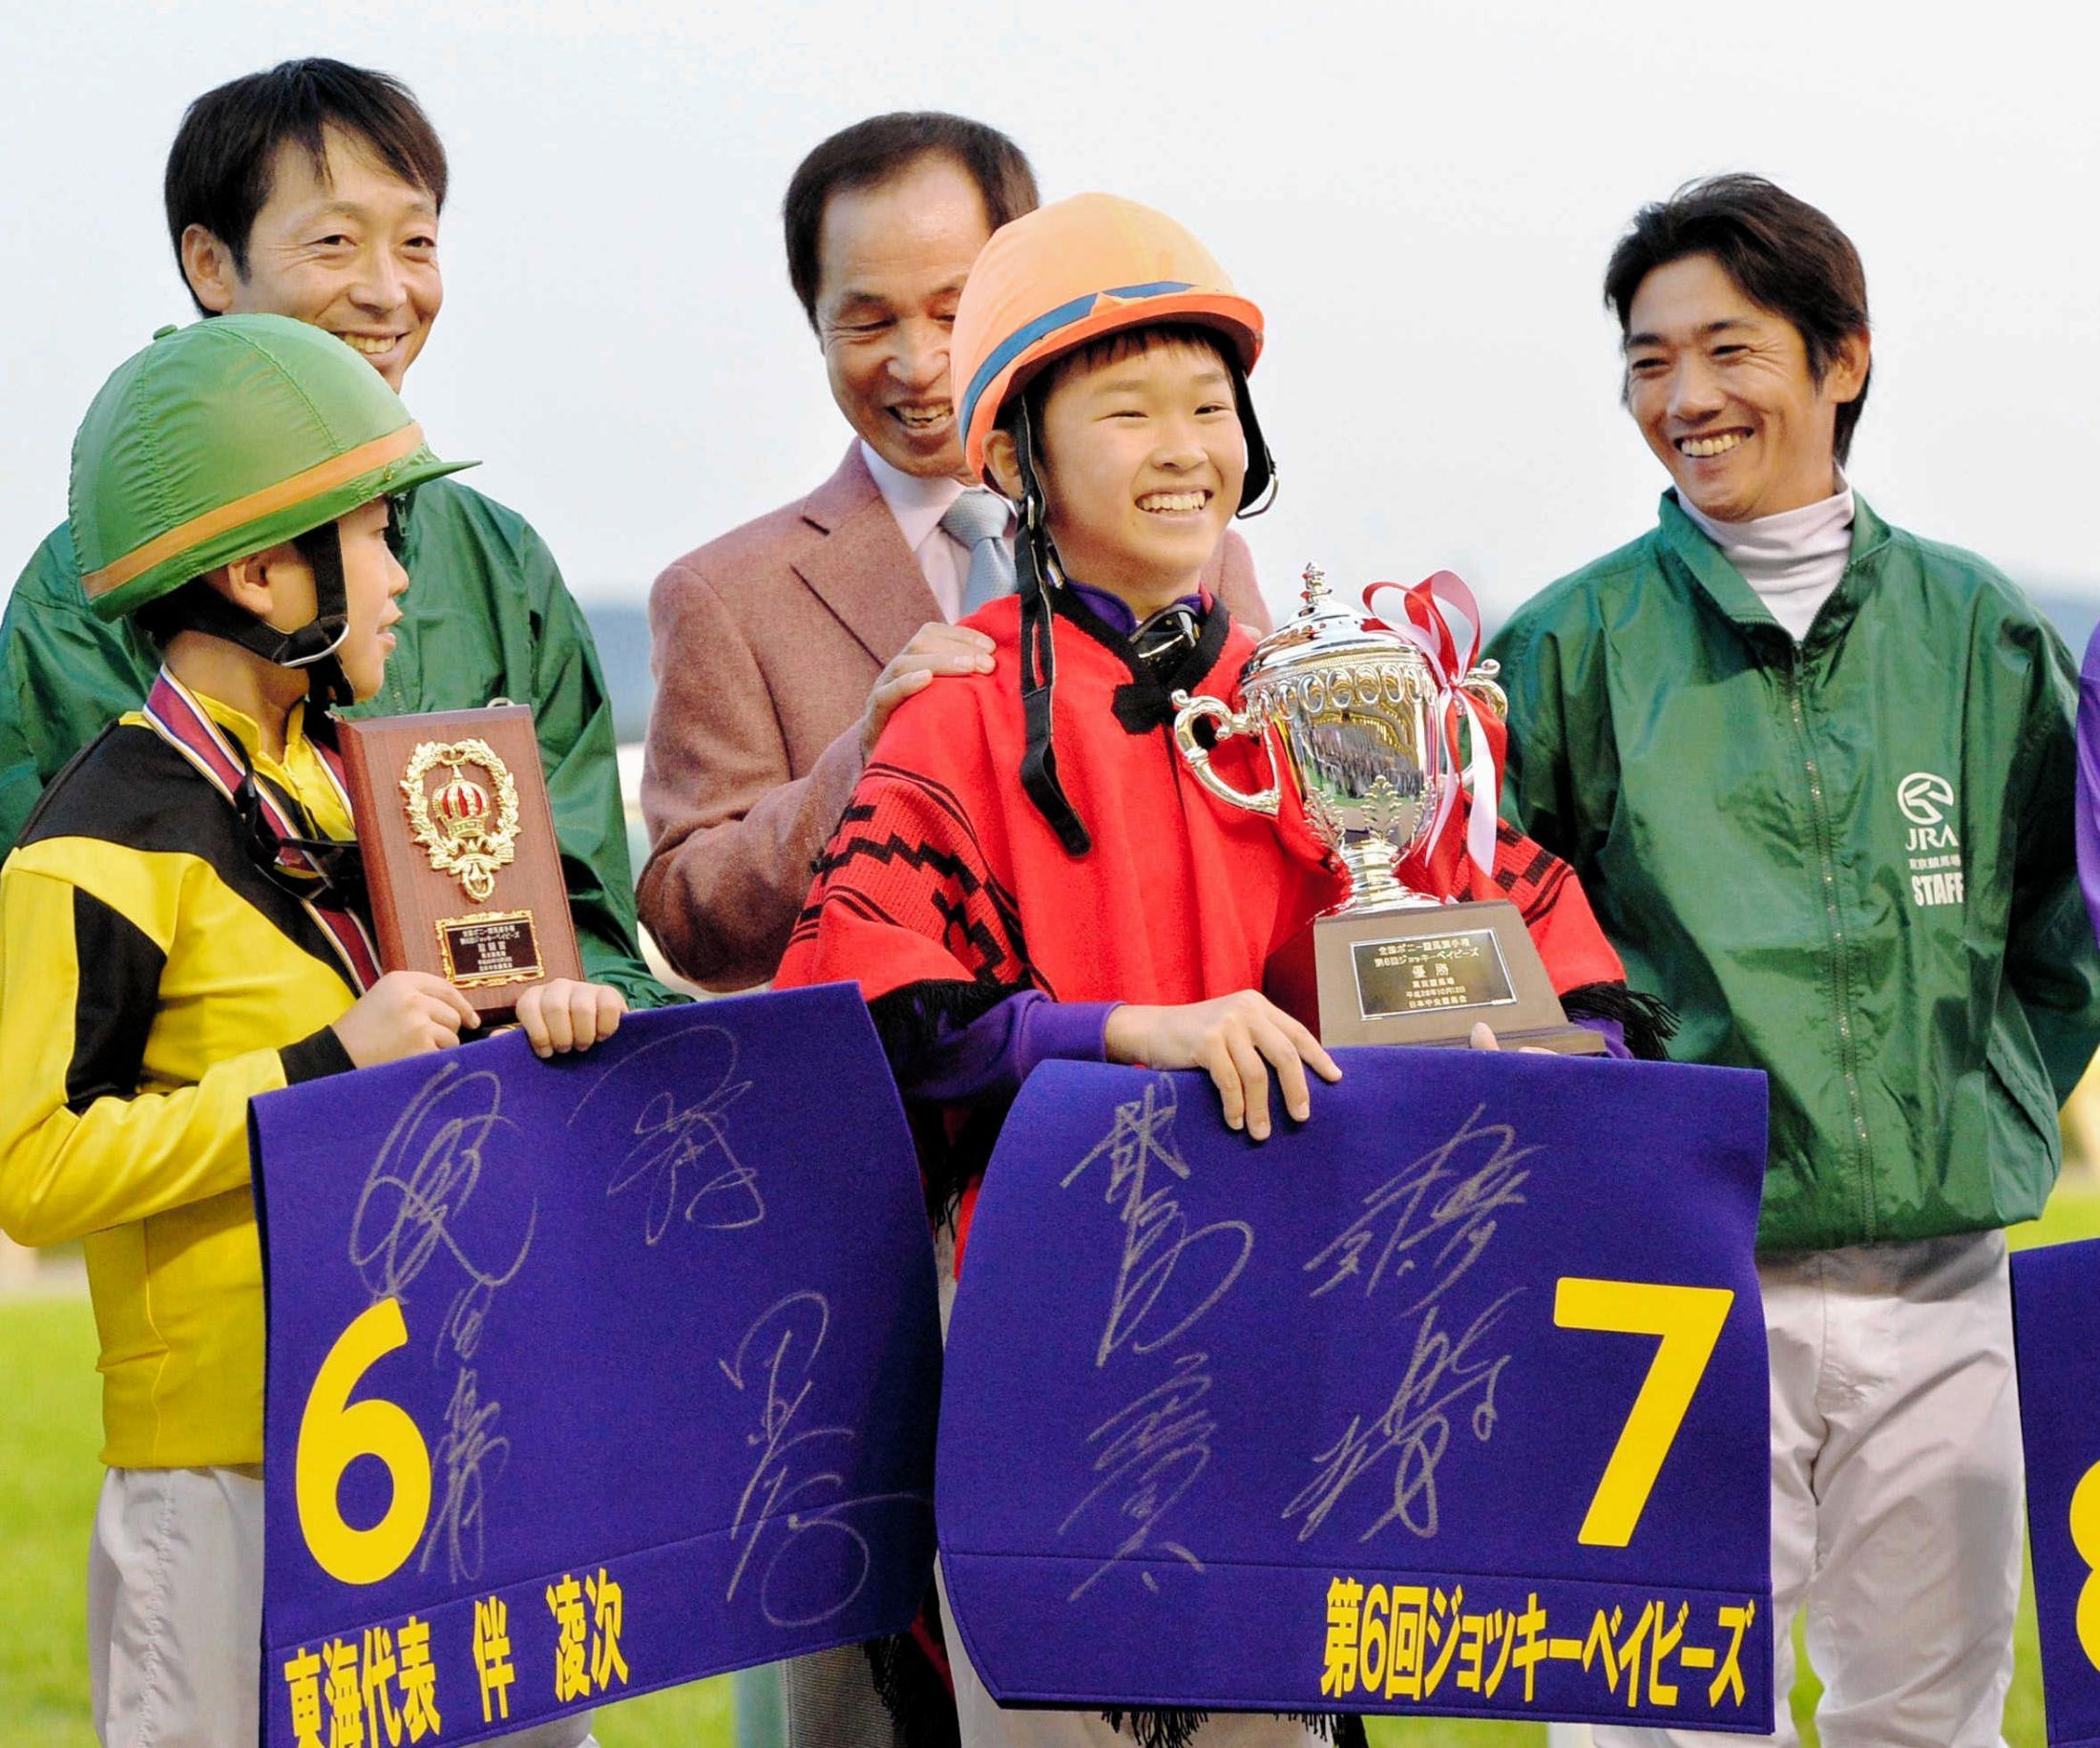 第6回ジョッキーベイビーズを制し笑顔の角田大和くん(中央)=2014年10月12日